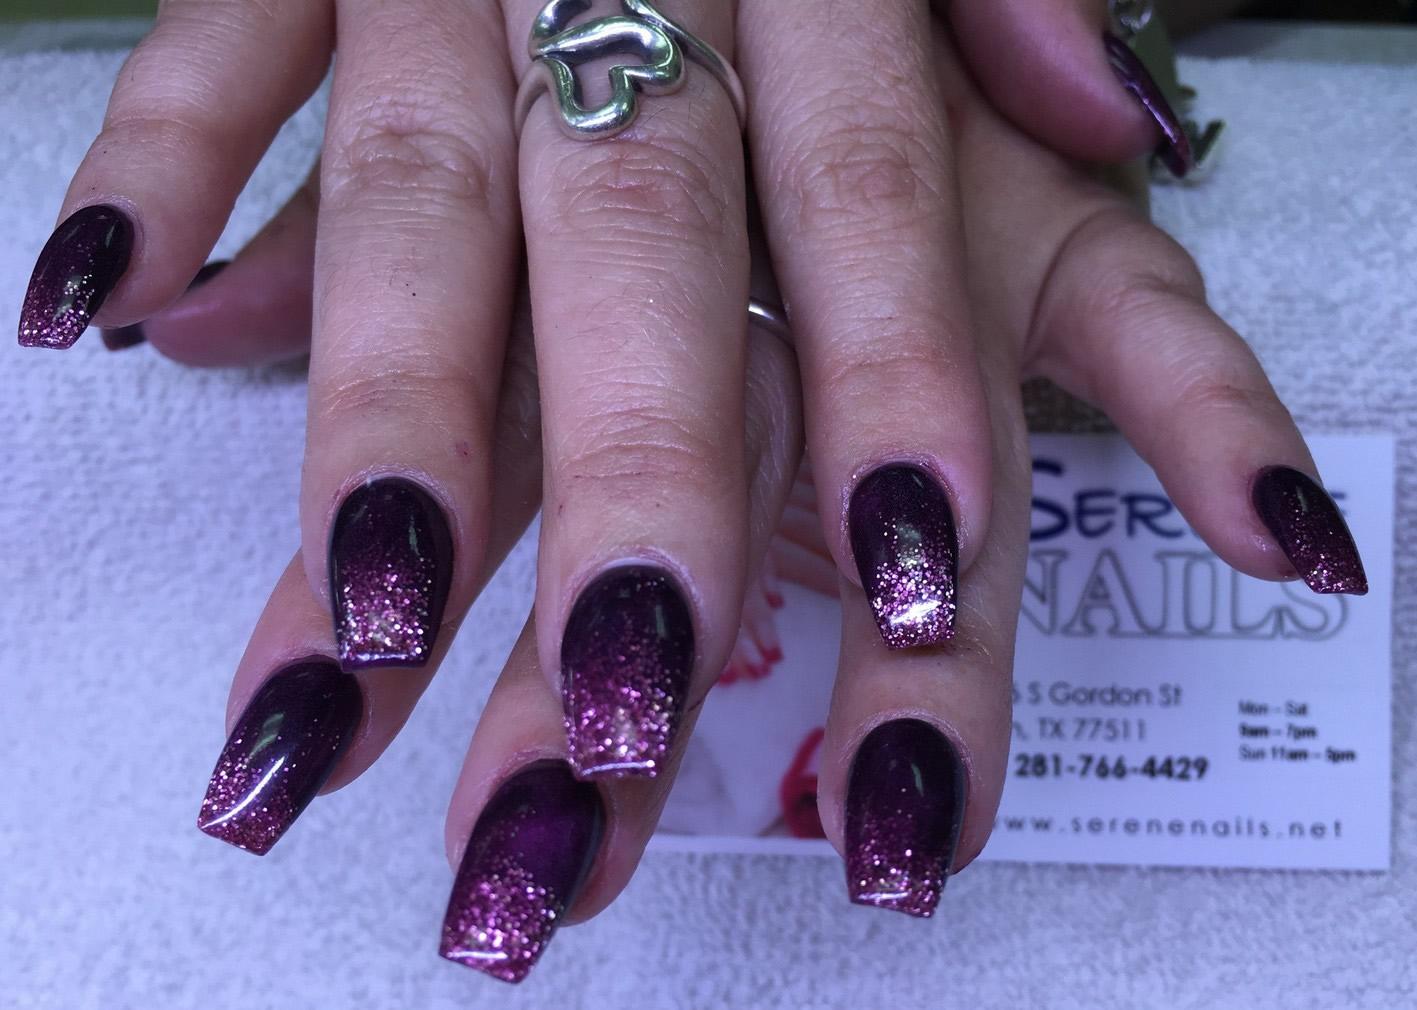 Serene Nails image 69